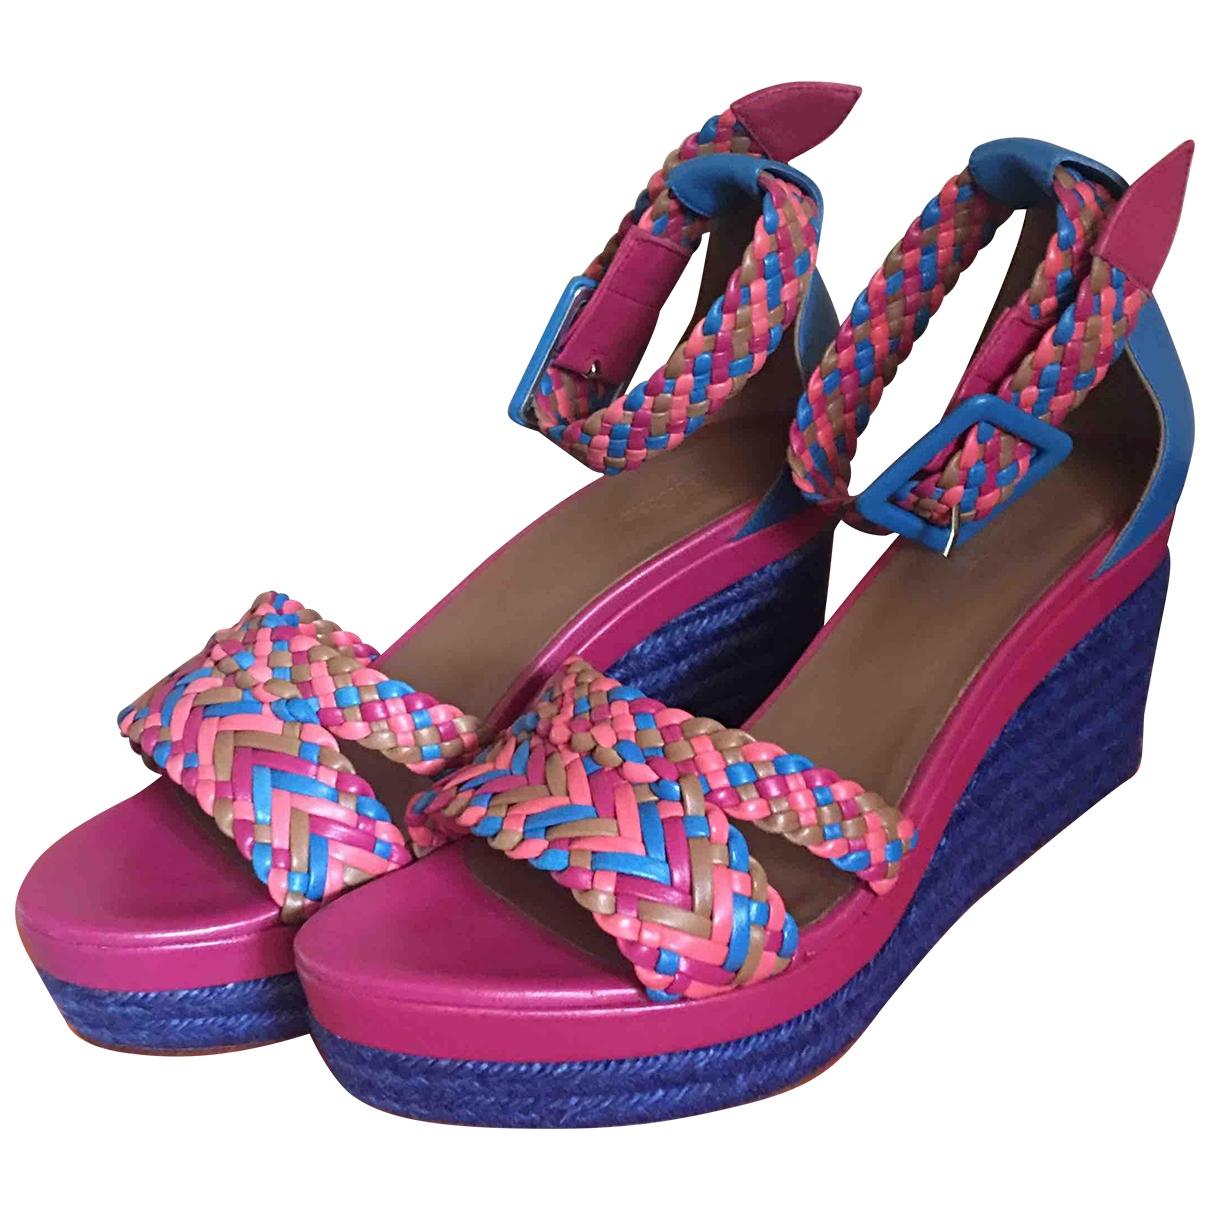 Hermes - Sandales   pour femme en cuir - multicolore